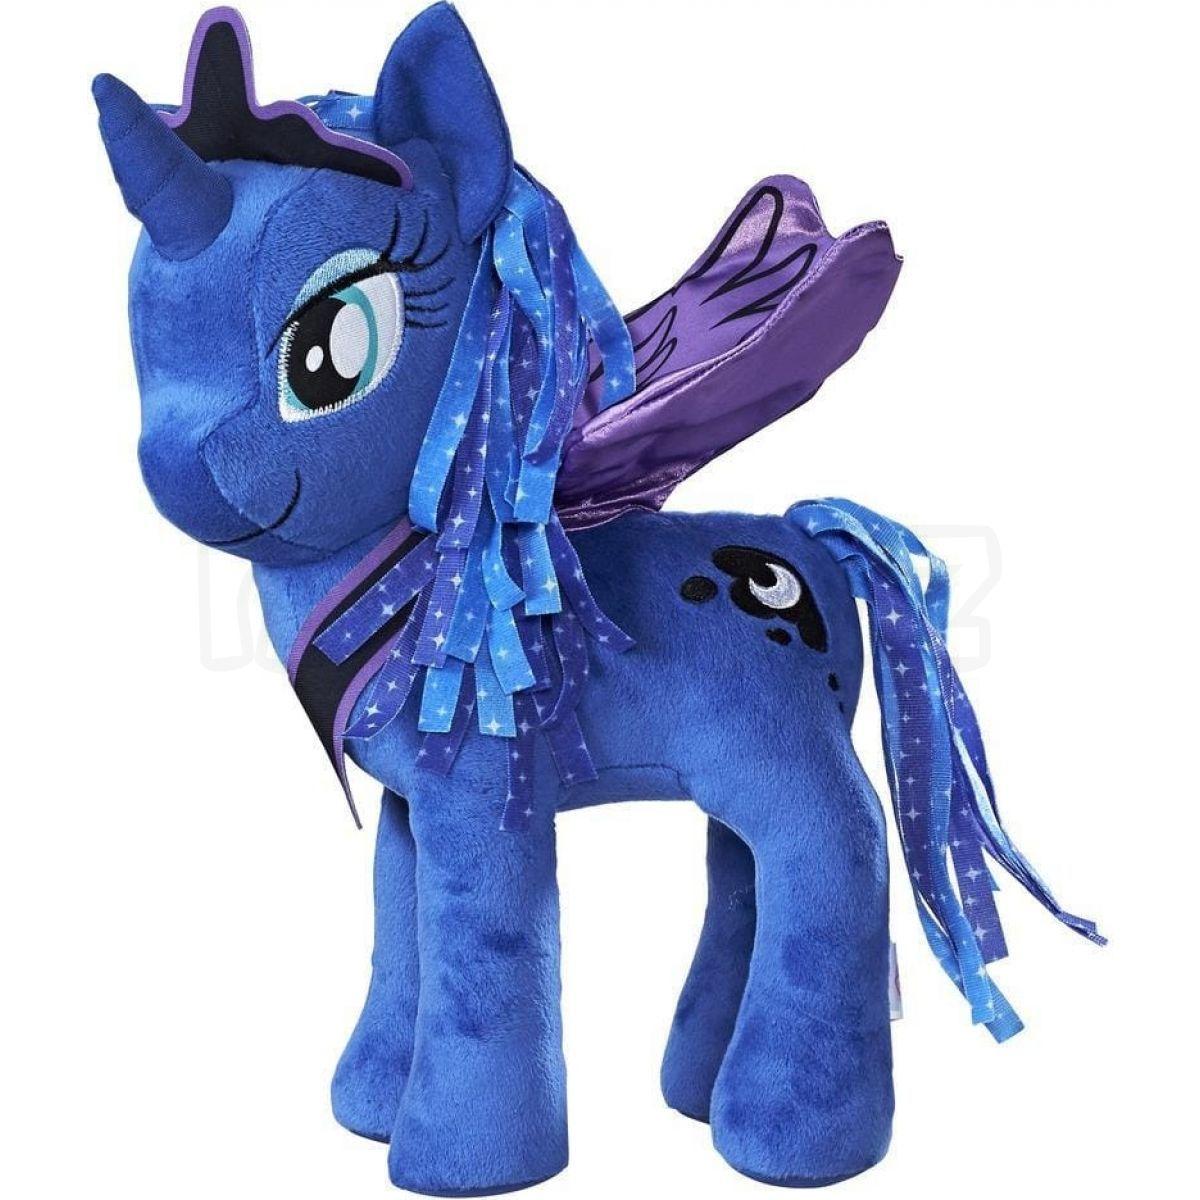 My Little Pony Ply Ov 253 Pon 237 K S M 225 Vaj 237 C 237 Mi Kř 237 Dly Princess